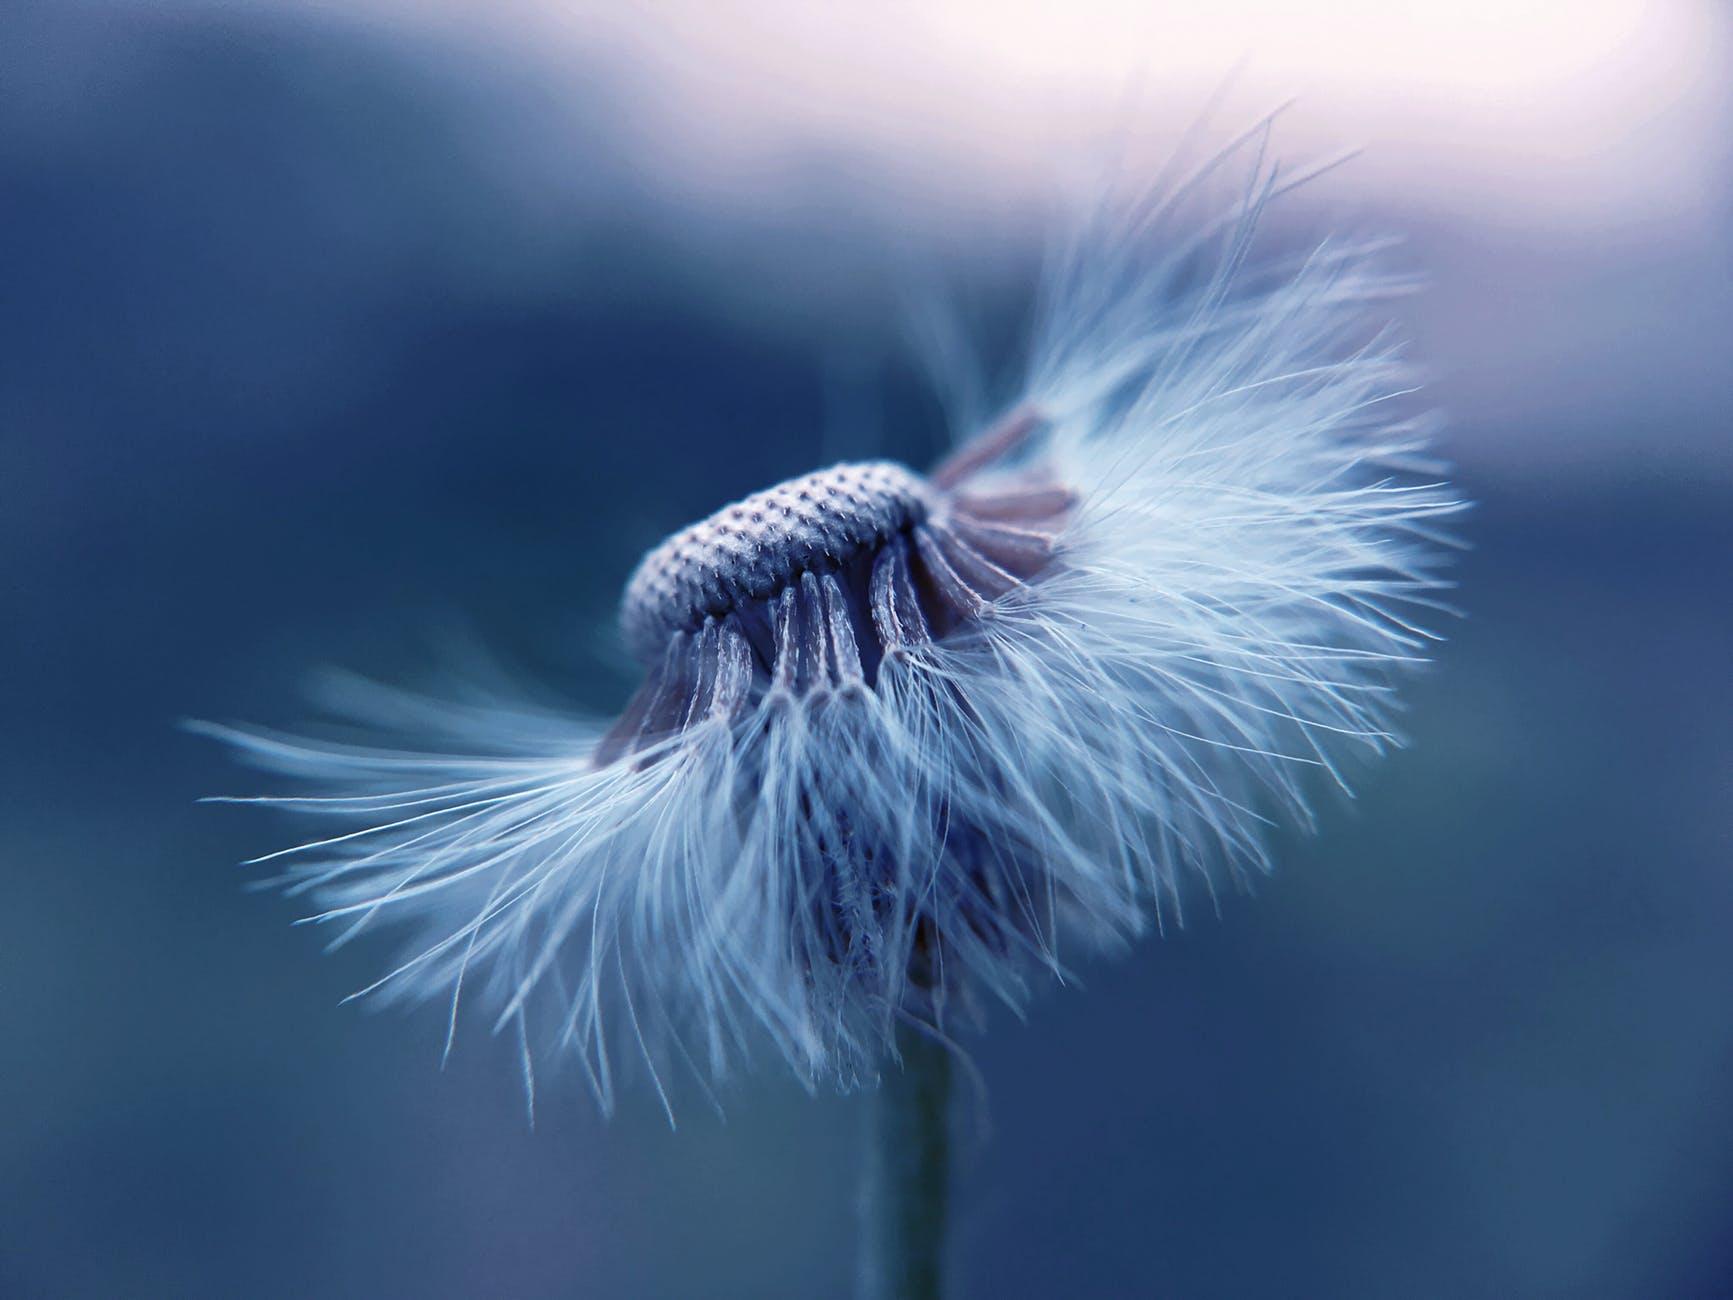 花朵美麗,也蘊藏危險的過敏原